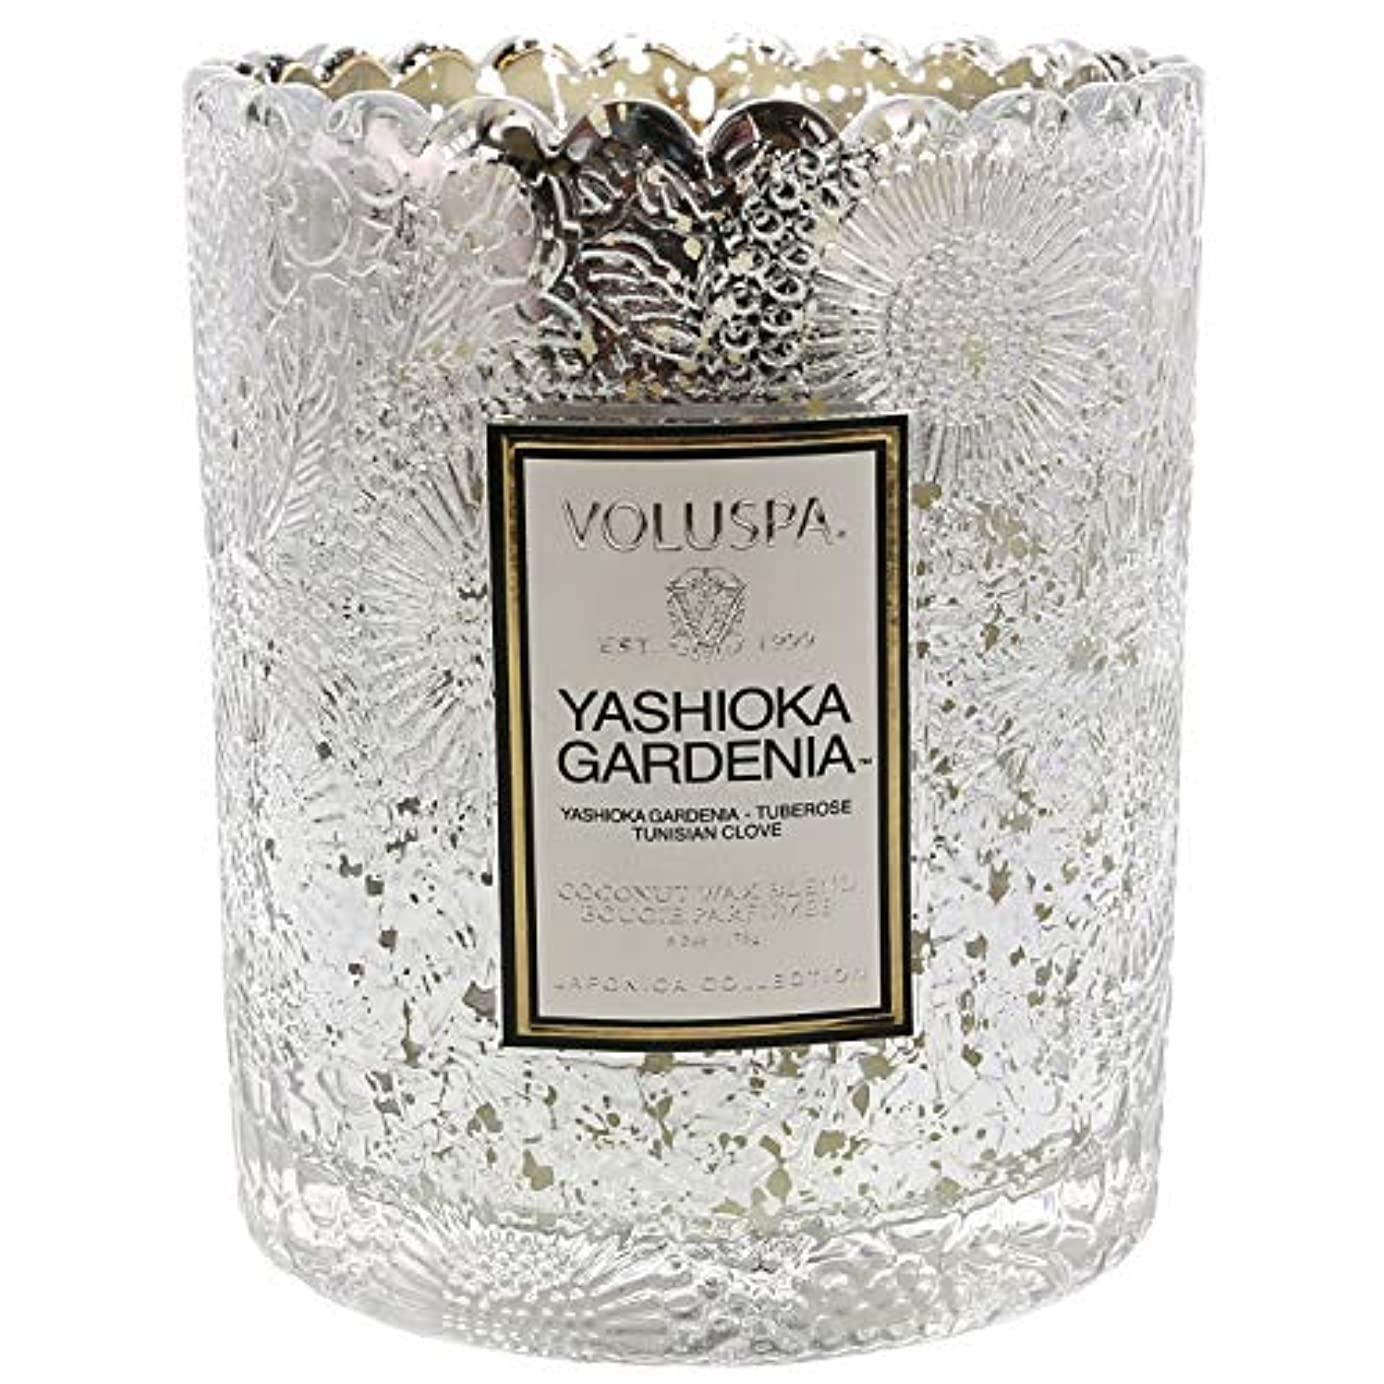 有効誘導タクトVoluspa ボルスパ ジャポニカ リミテッド スカラップグラスキャンドル  ヤシオカガーデニア YASHIOKA GARDENIA JAPONICA Limited SCALLOPED EDGE Glass Candle